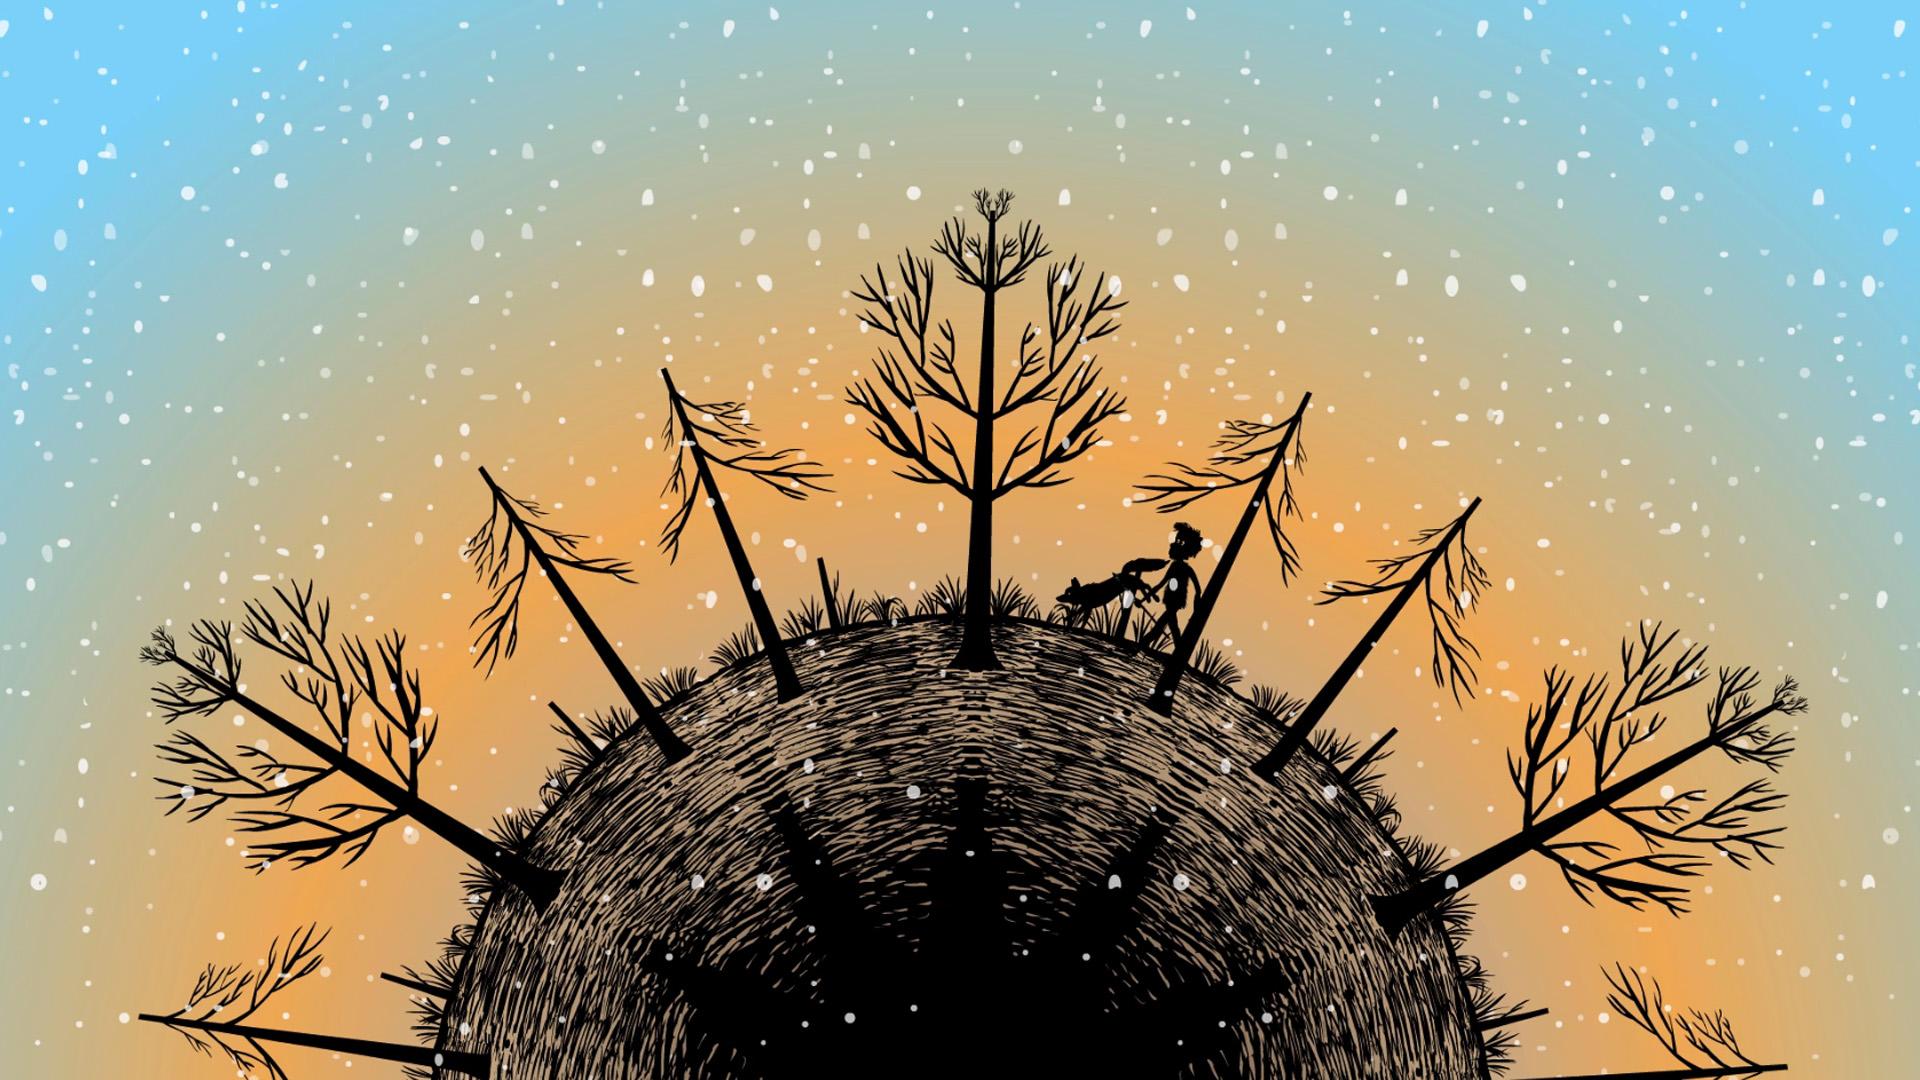 Evolution, short animation film by Kfir Weizman